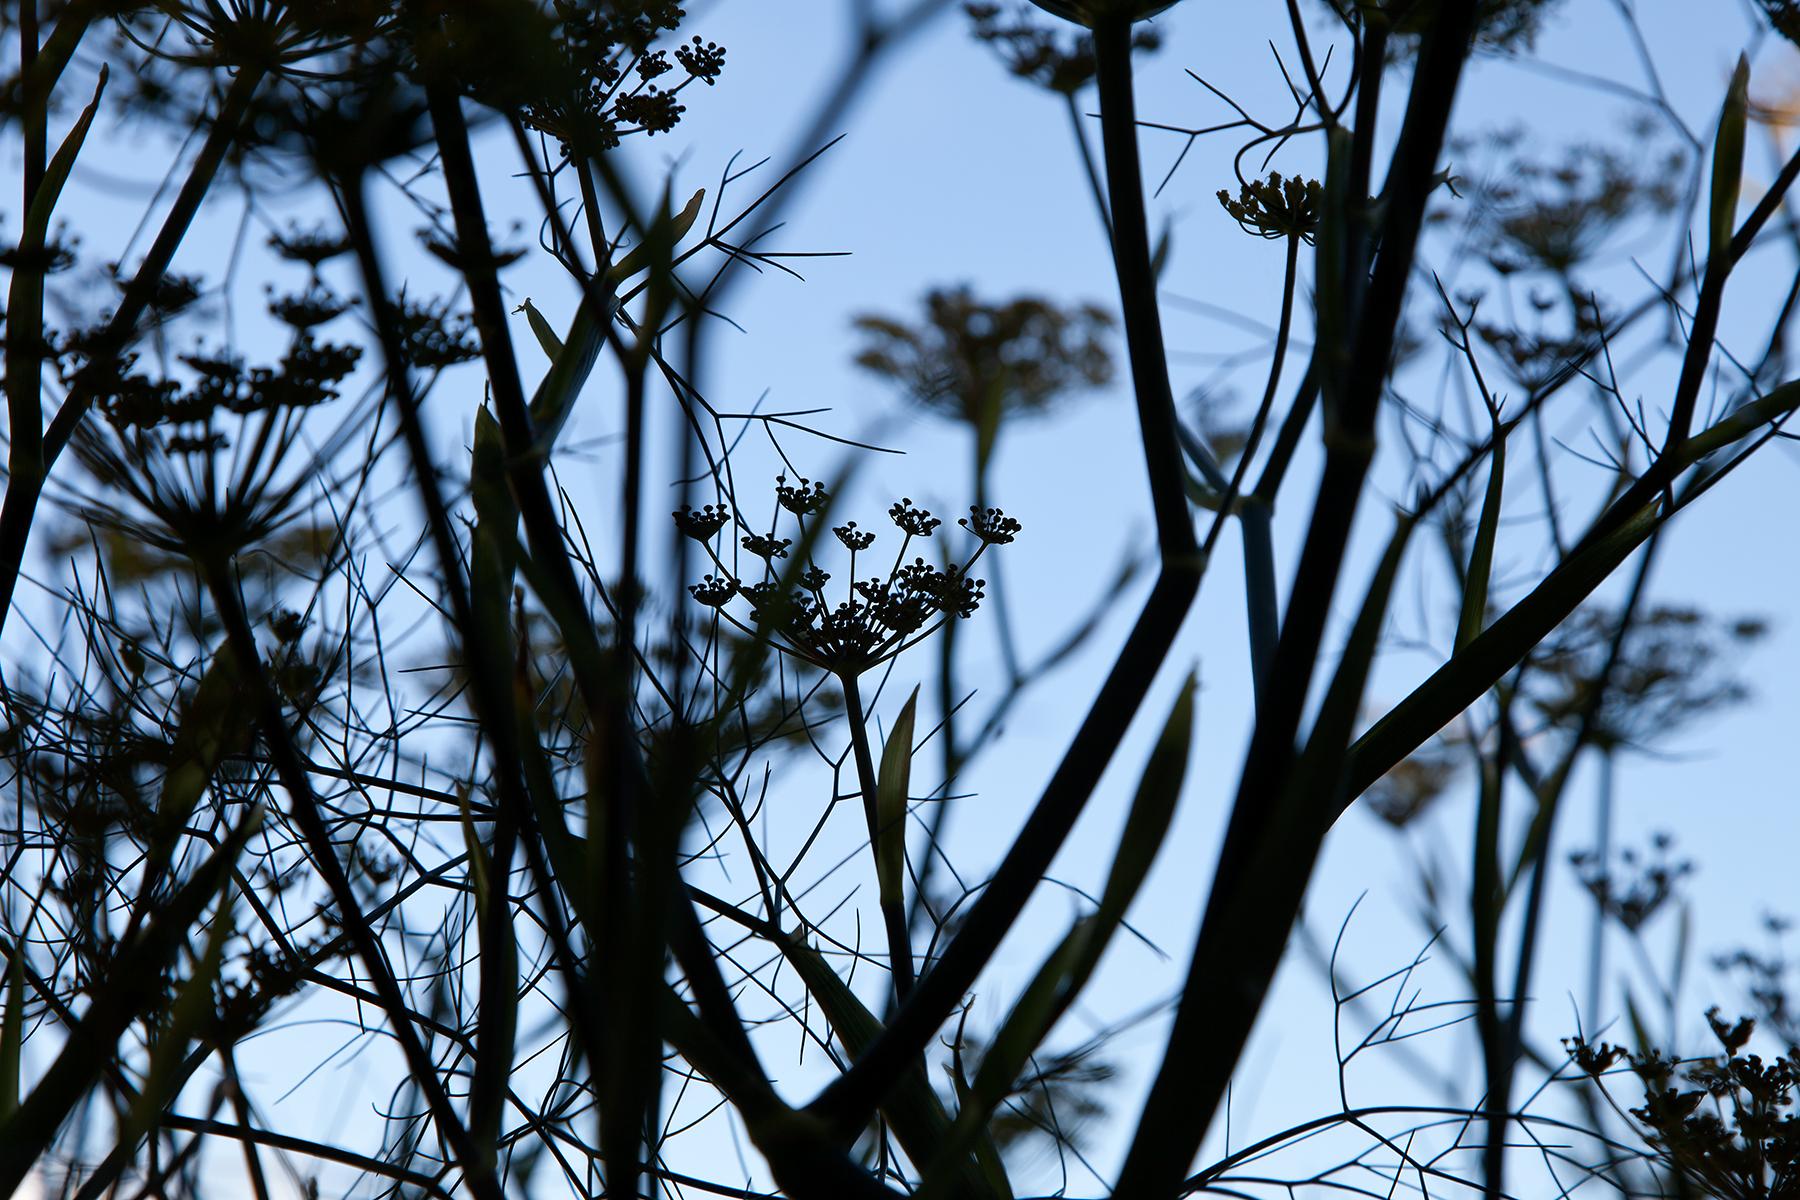 Wild-fennel-silhouette